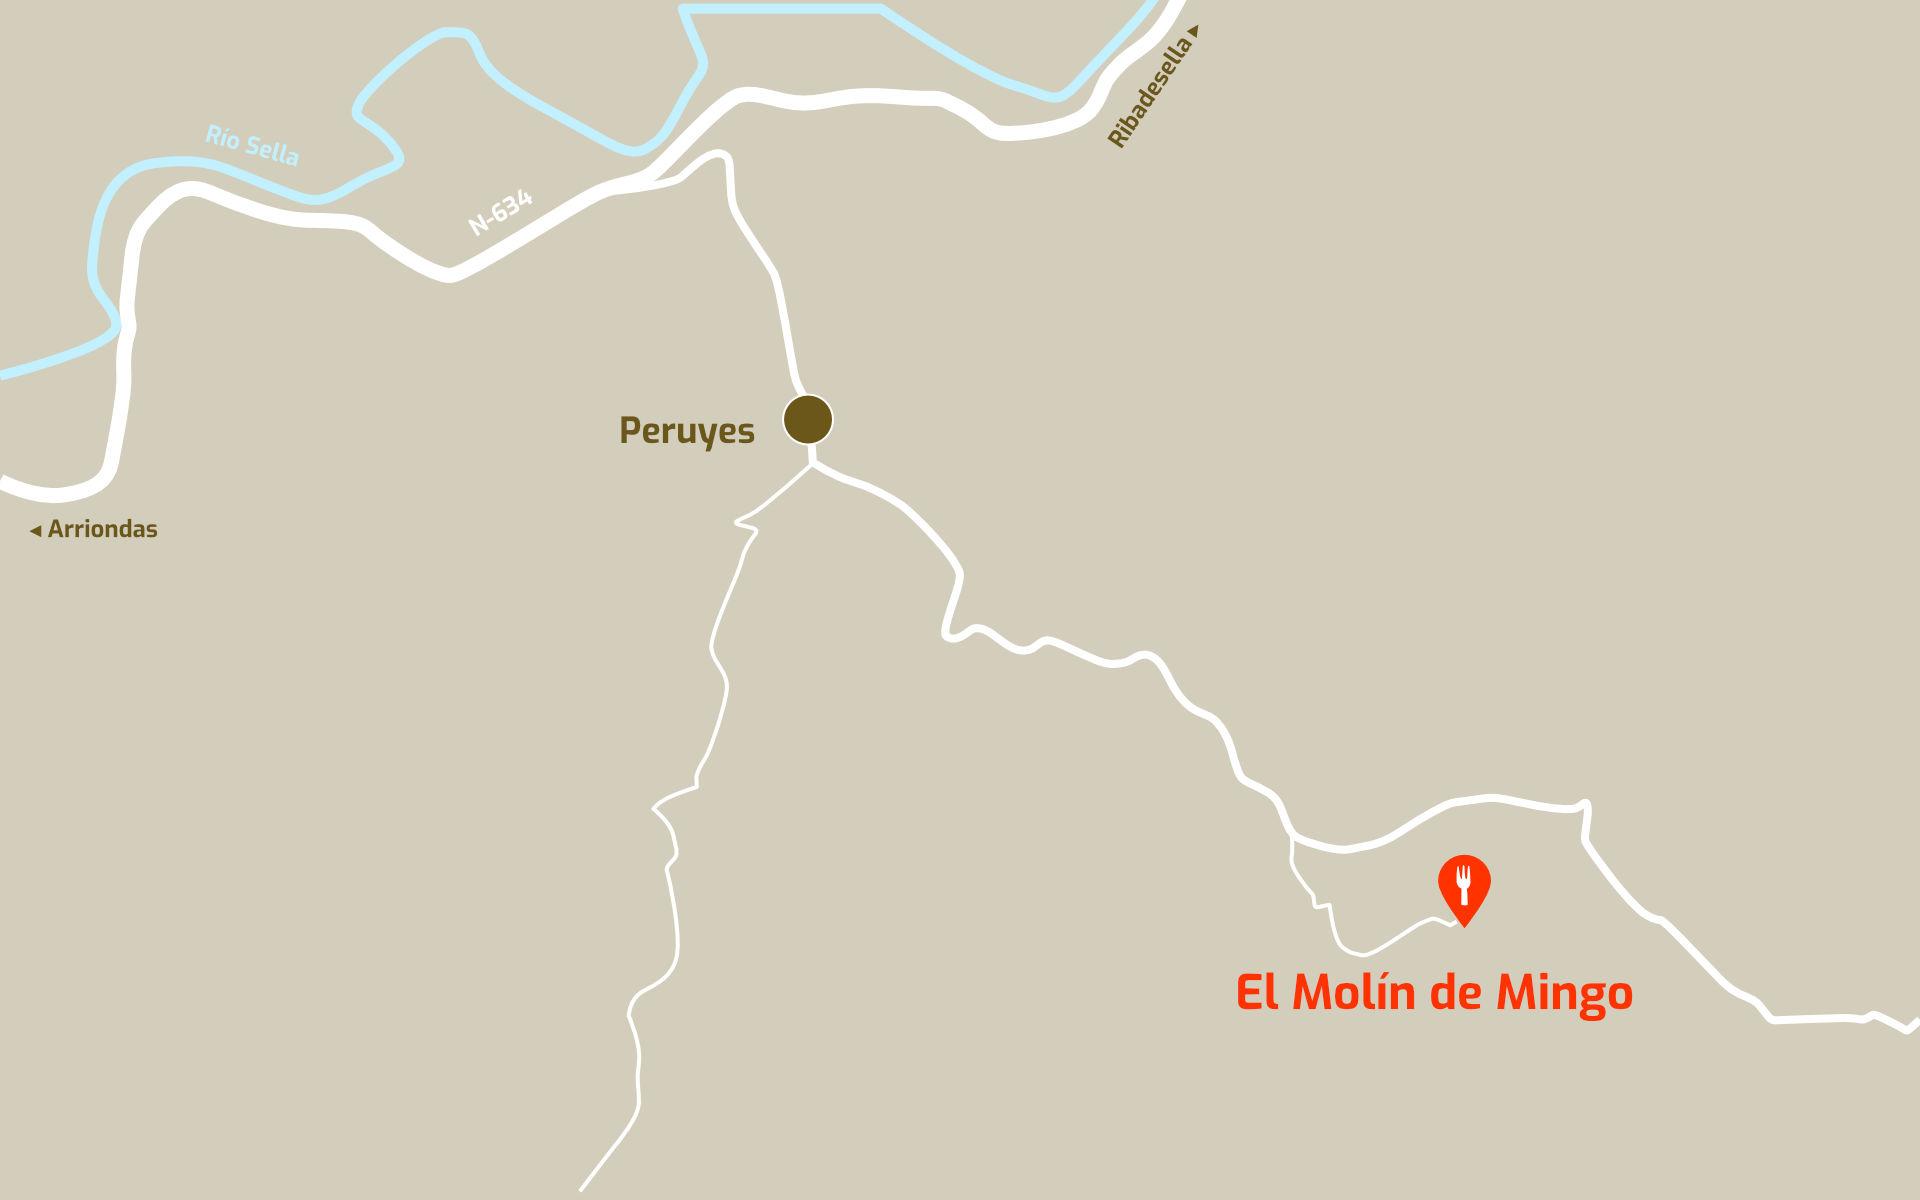 Mapa de cómo llegar al restaurante Molin de Mingo, en Peruyes, Cangas de Onis, Asturias